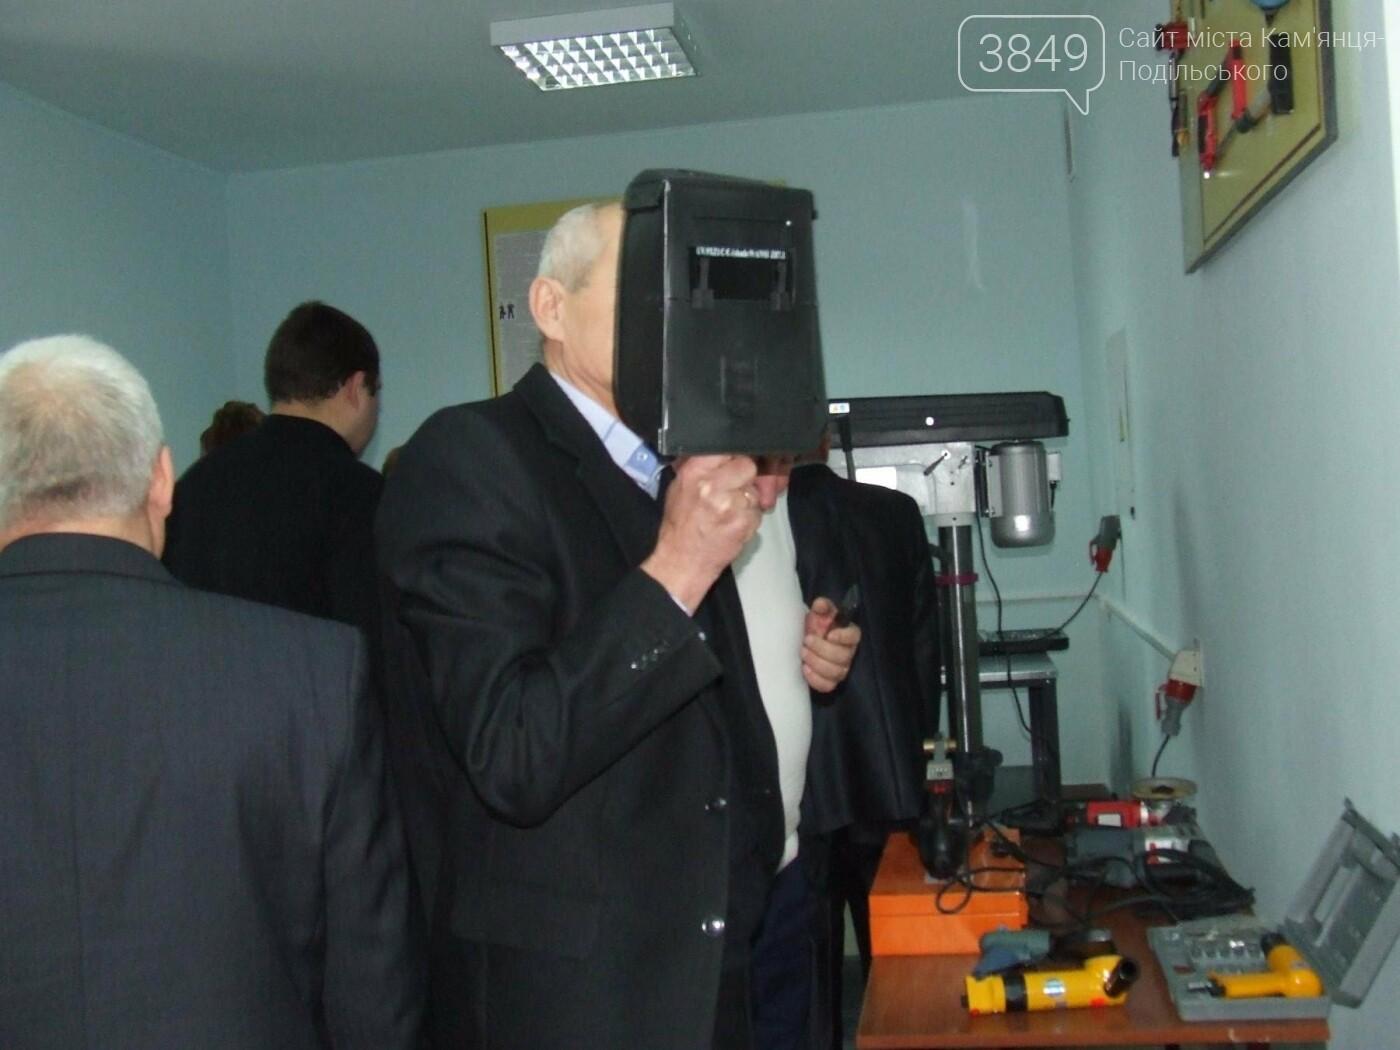 У Кам'янці відкрили навчально-практичний центр вартістю майже 600 тисяч гривень, фото-22